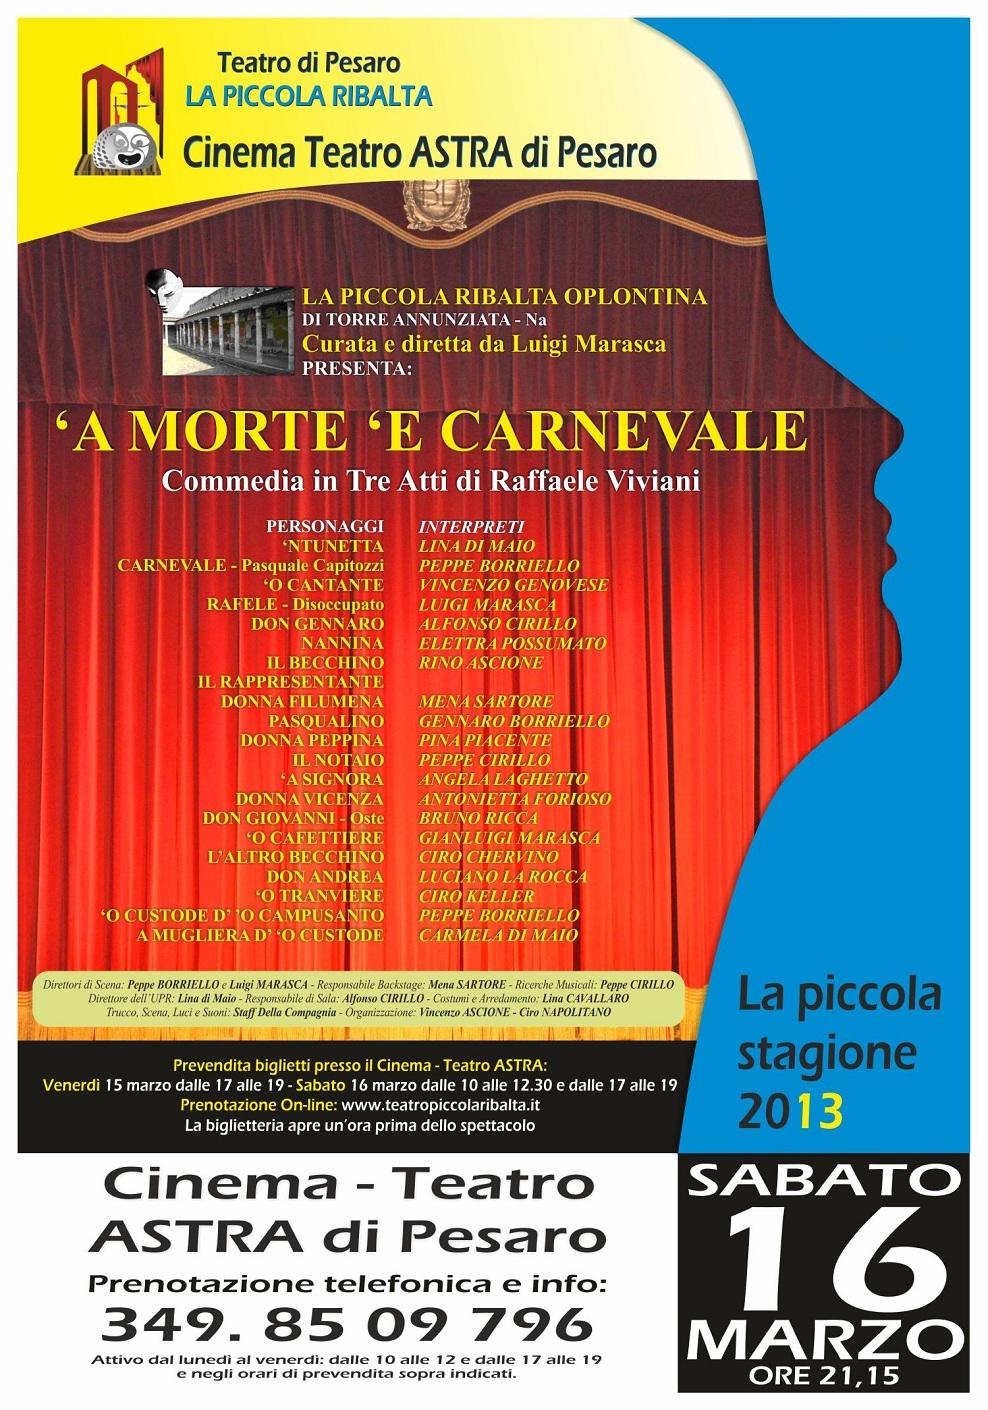 Cast Arredo Torre Annunziata teatro di pesaro la piccola ribalta - la piccola stagione 2013